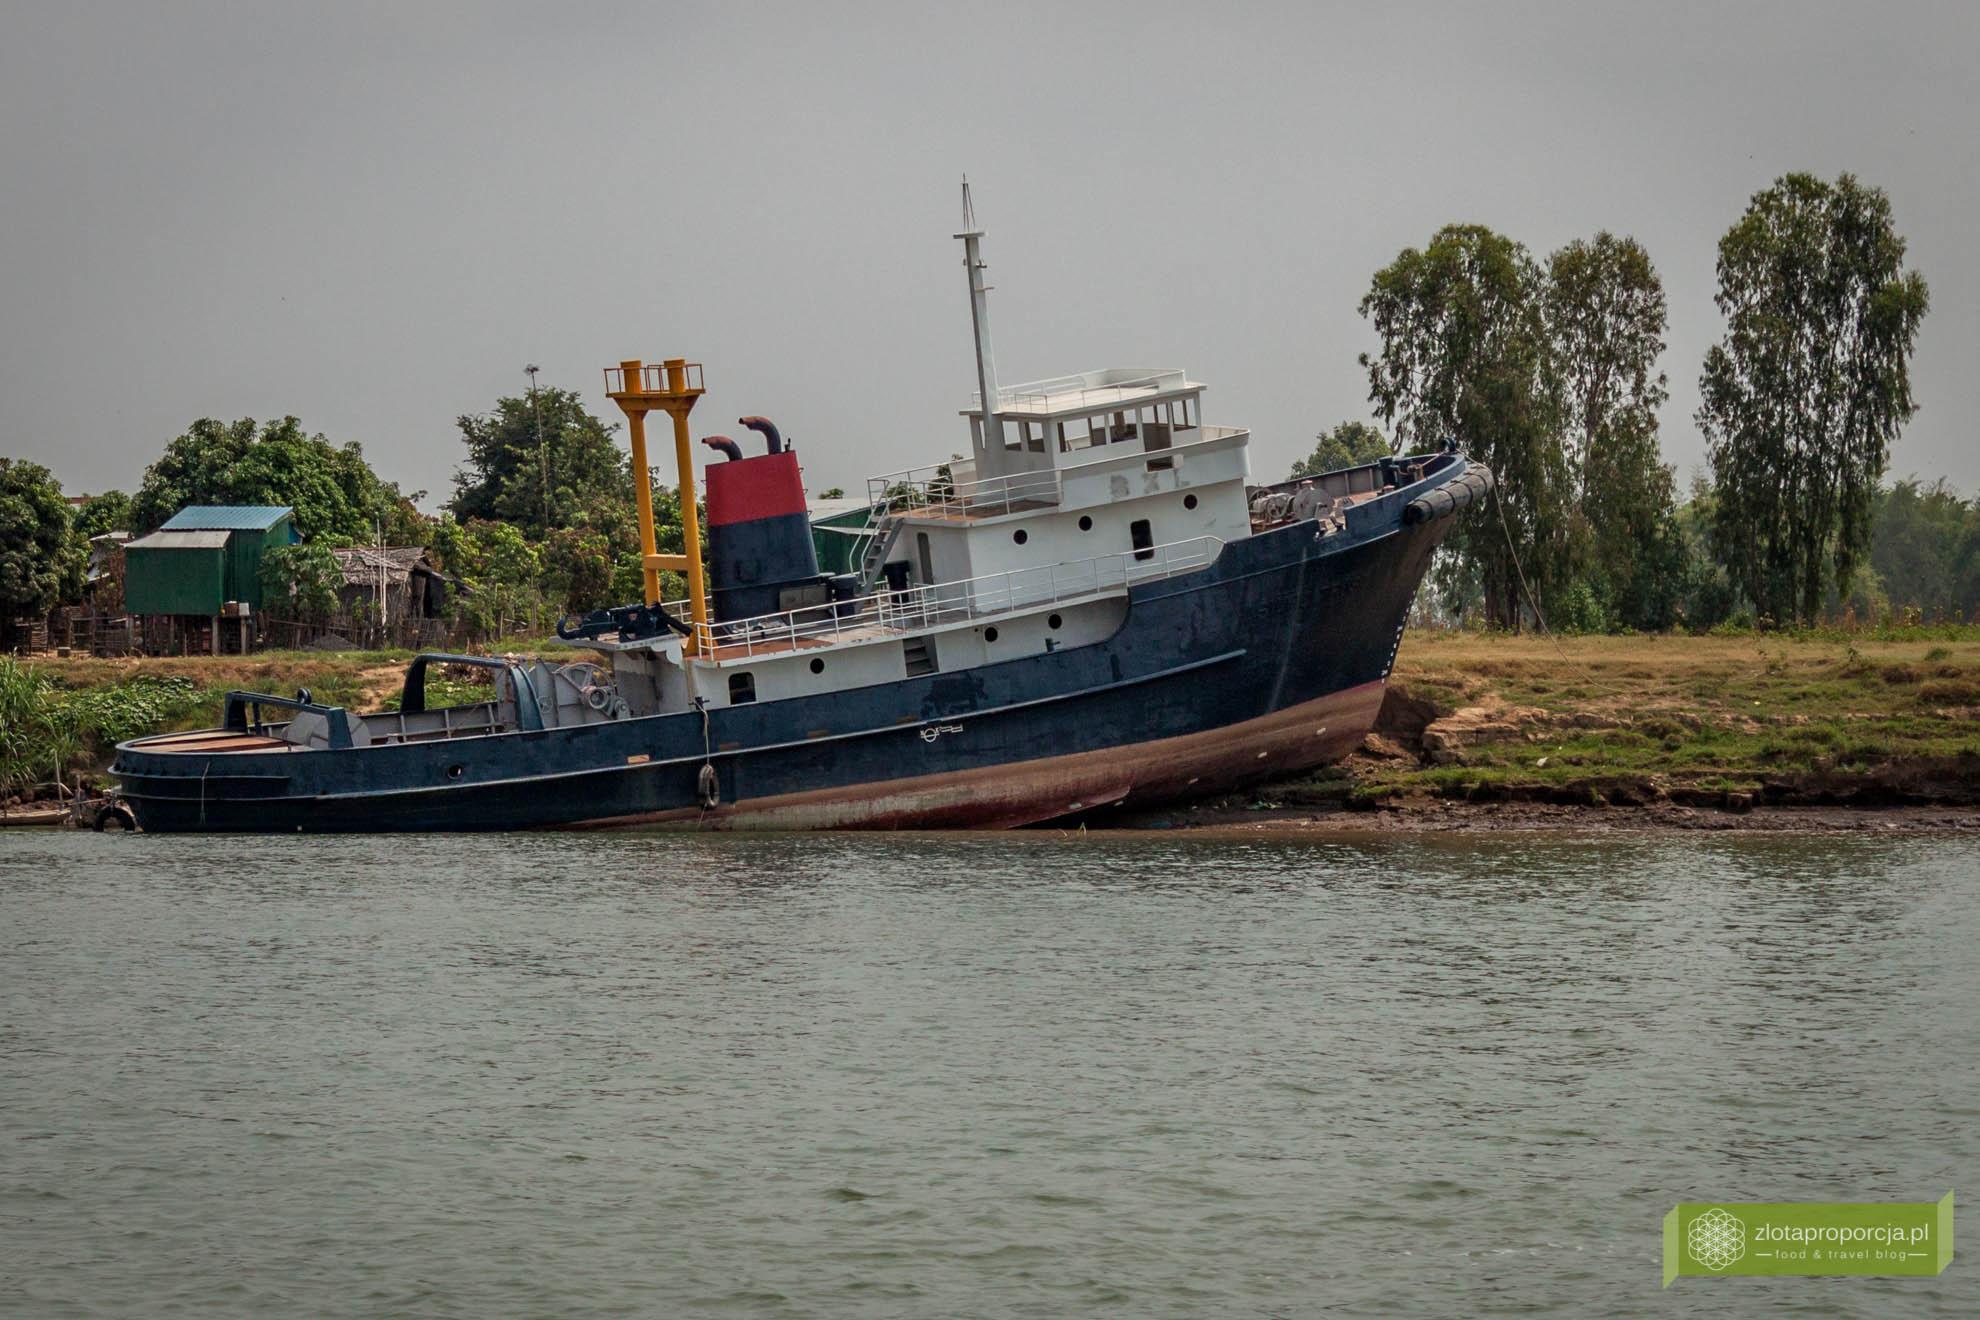 Chau Doc, Wietnam, granica Wietnamu i Kambodży, z Wietnamu do Kambodży Mekongiem; przejście graniczne Wietnam Kambodża; Mekong życie na Mekongu